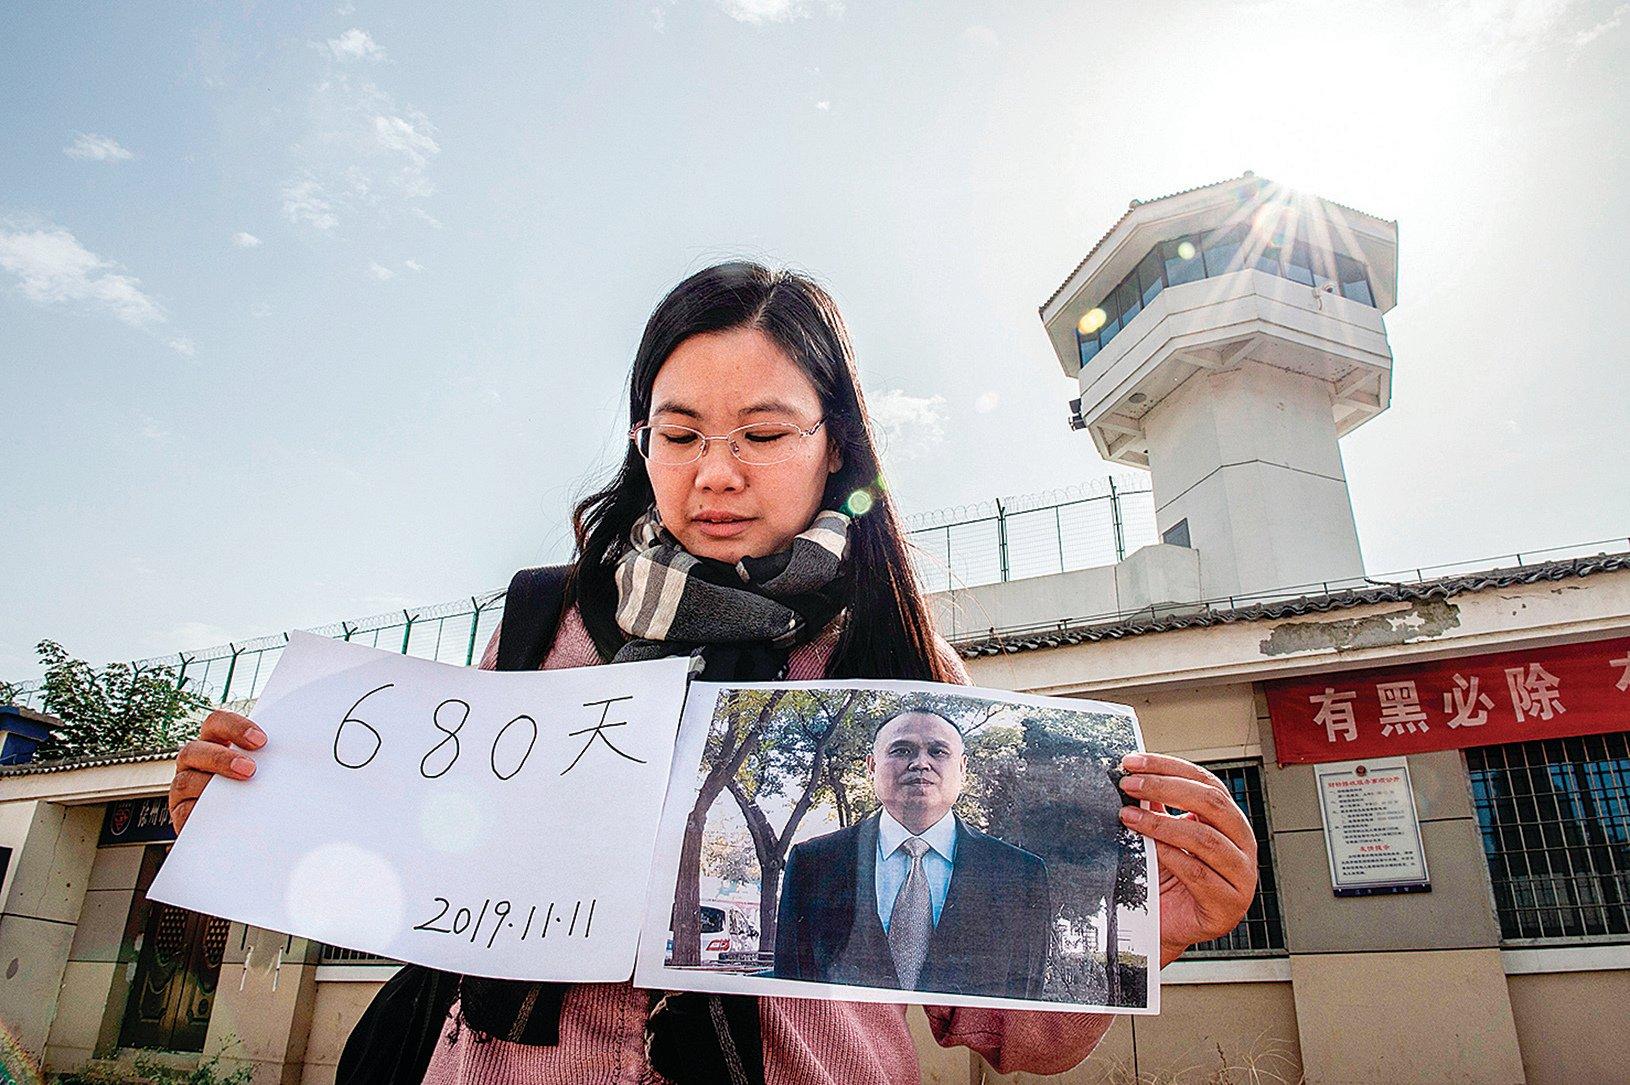 2019年10月30日,許豔到江蘇徐州看守所要求會見丈夫余文生,未果。圖中看板上註明2019.11.11是人權律師余文生的生日,到那一天,余文生(右圖)總計被囚680天。(AFP)